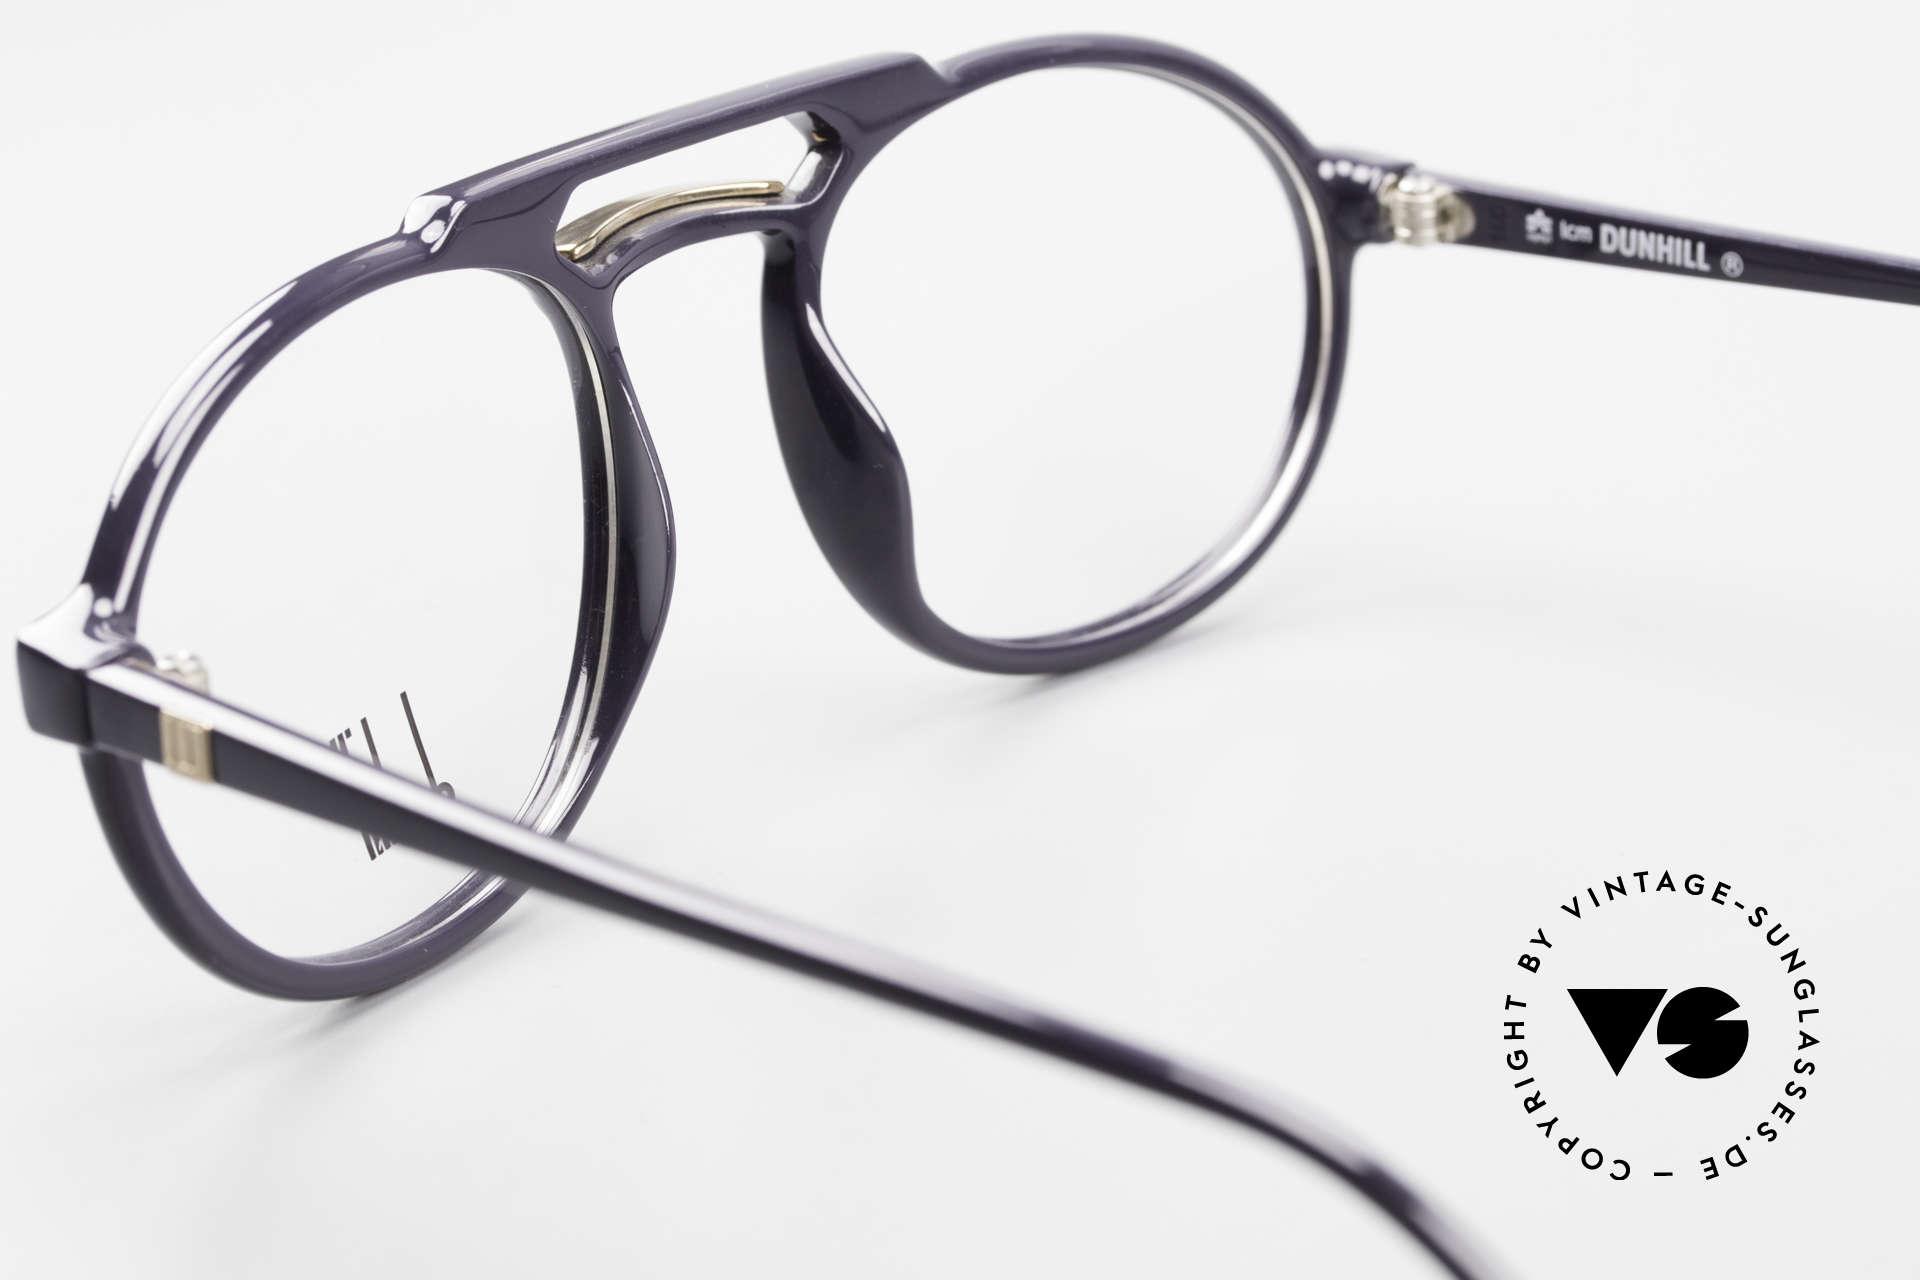 Dunhill 6114 Ovale 90er Brille Dunkelblau, KEIN Retrodesign; authentische alte Ware von 1990, Passend für Herren